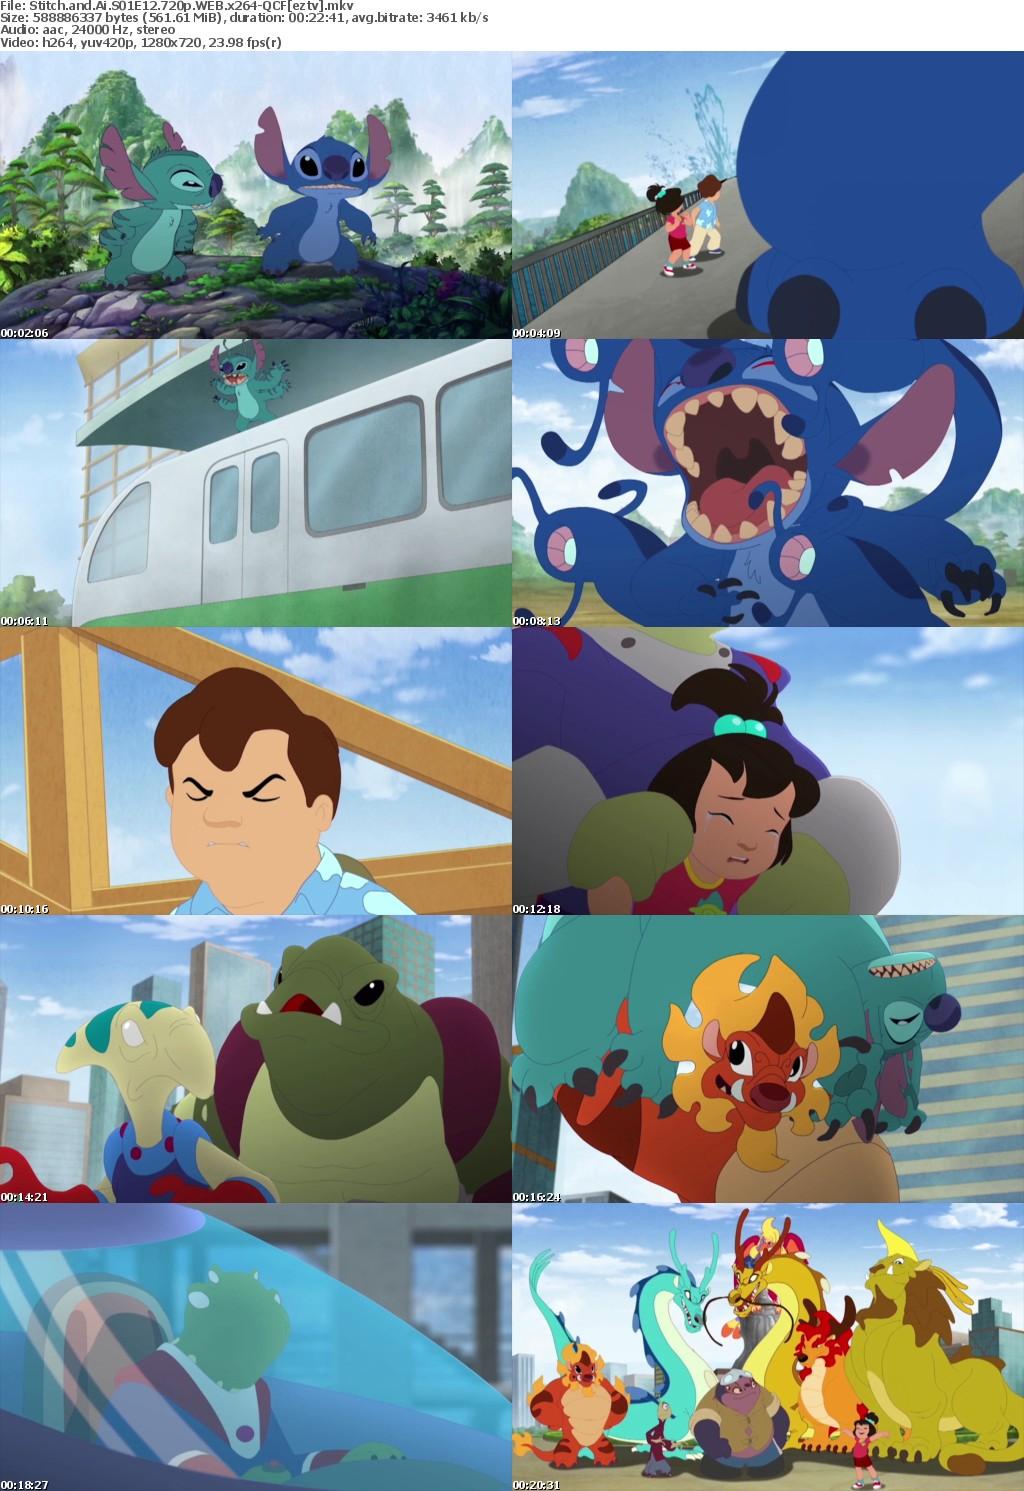 Stitch and Ai S01E12 720p WEB x264-QCF